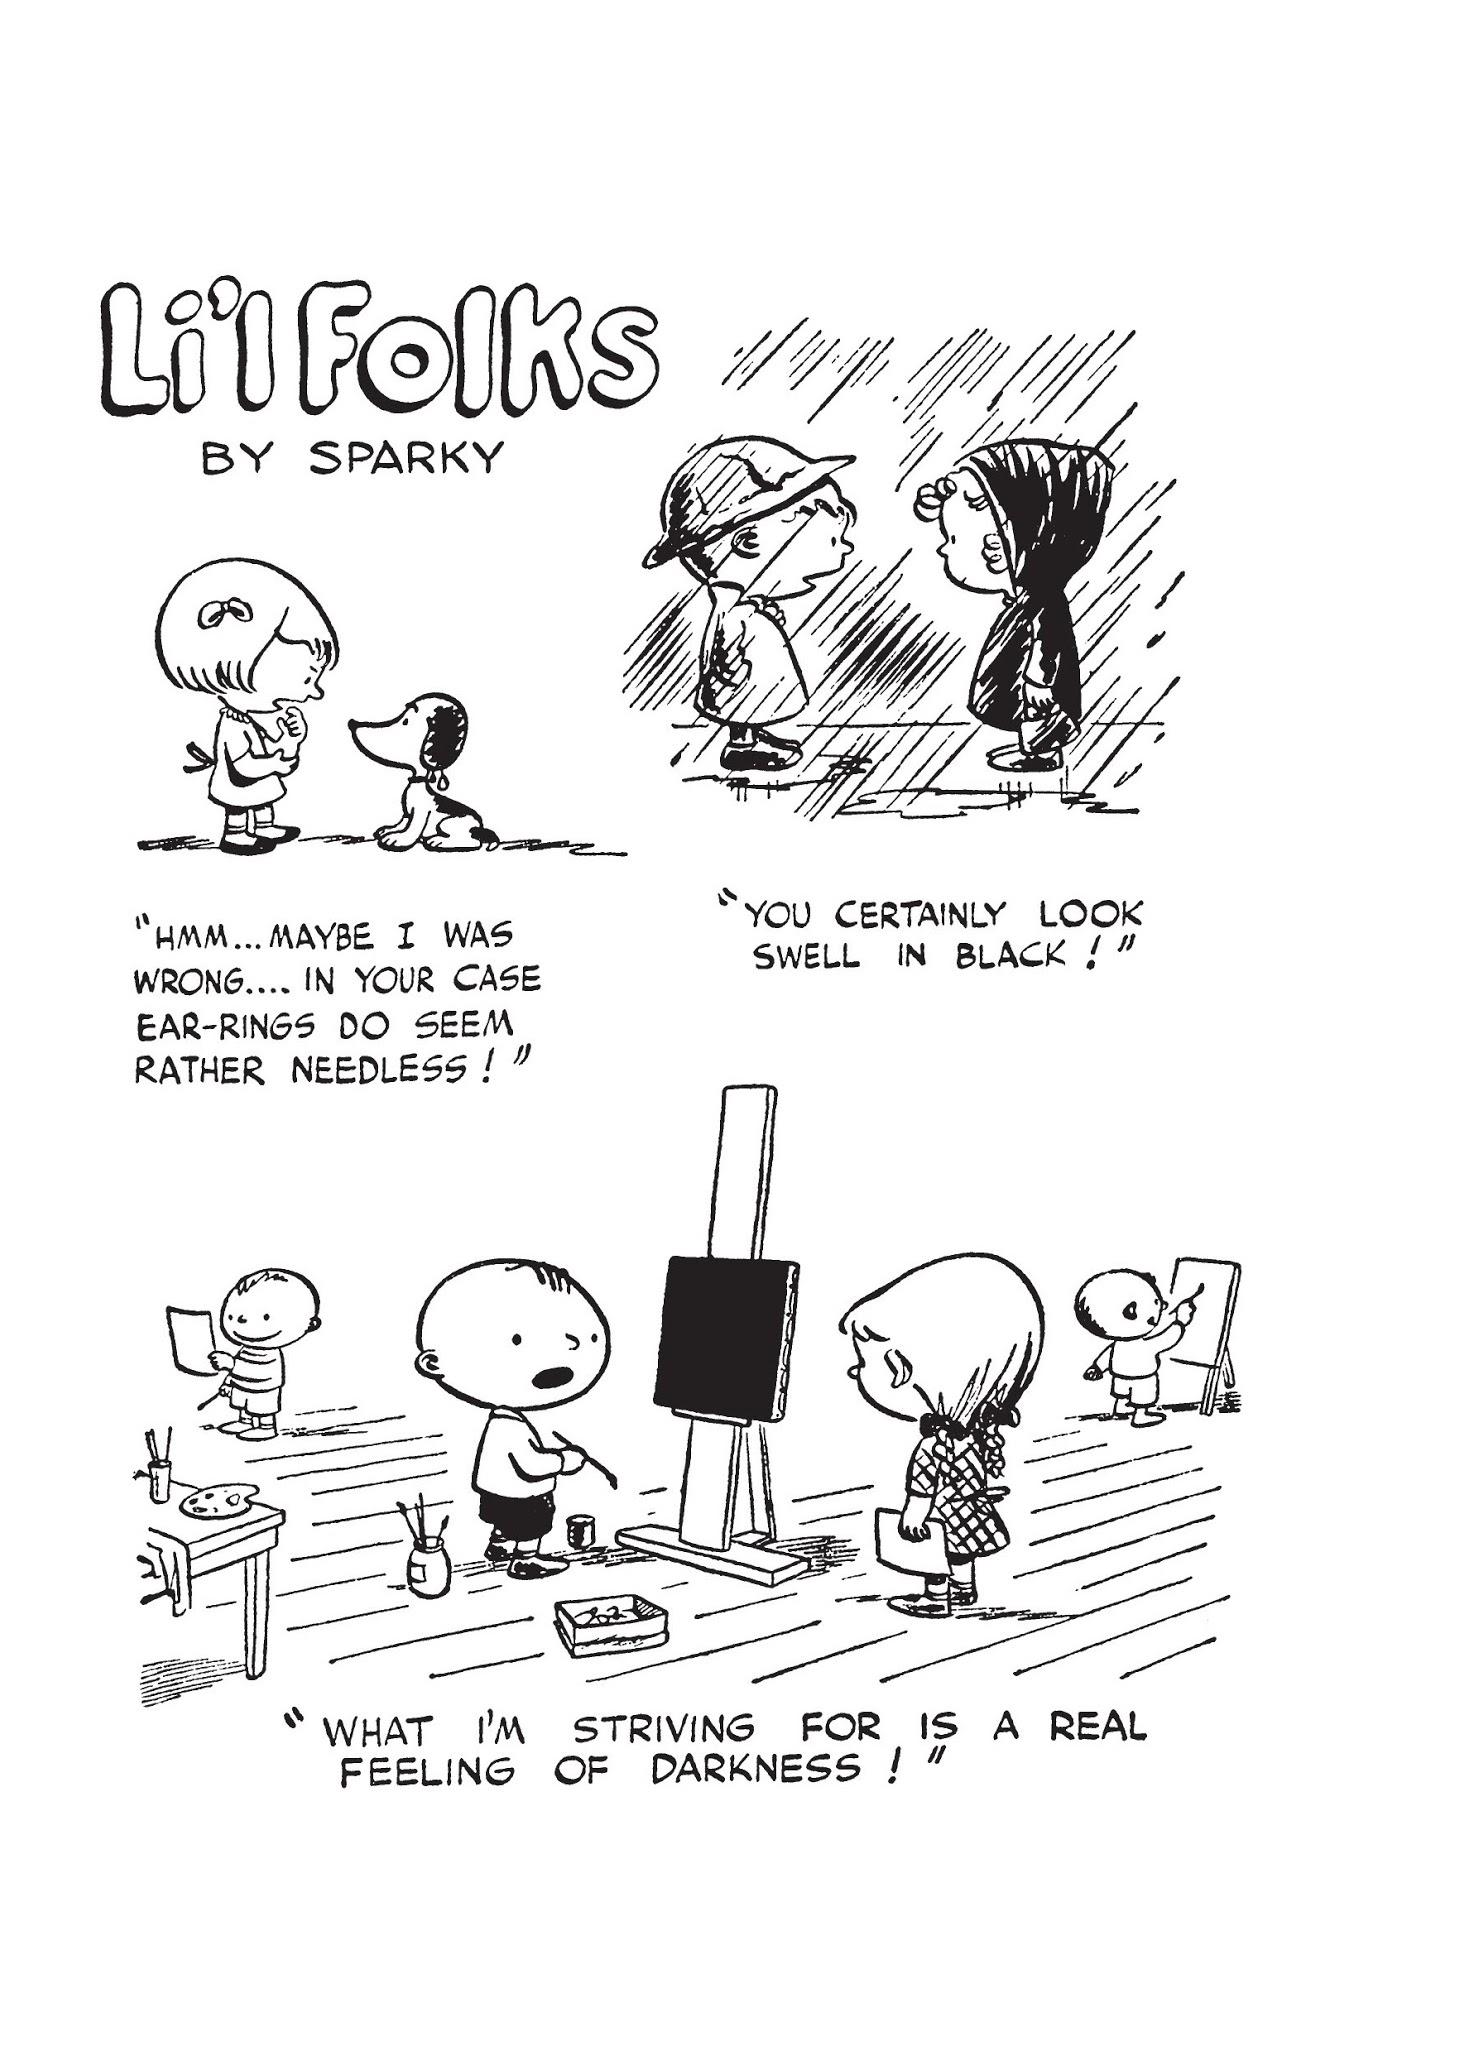 Li'l Folks, November 20 comic strips   Peanuts Wiki   Fandom